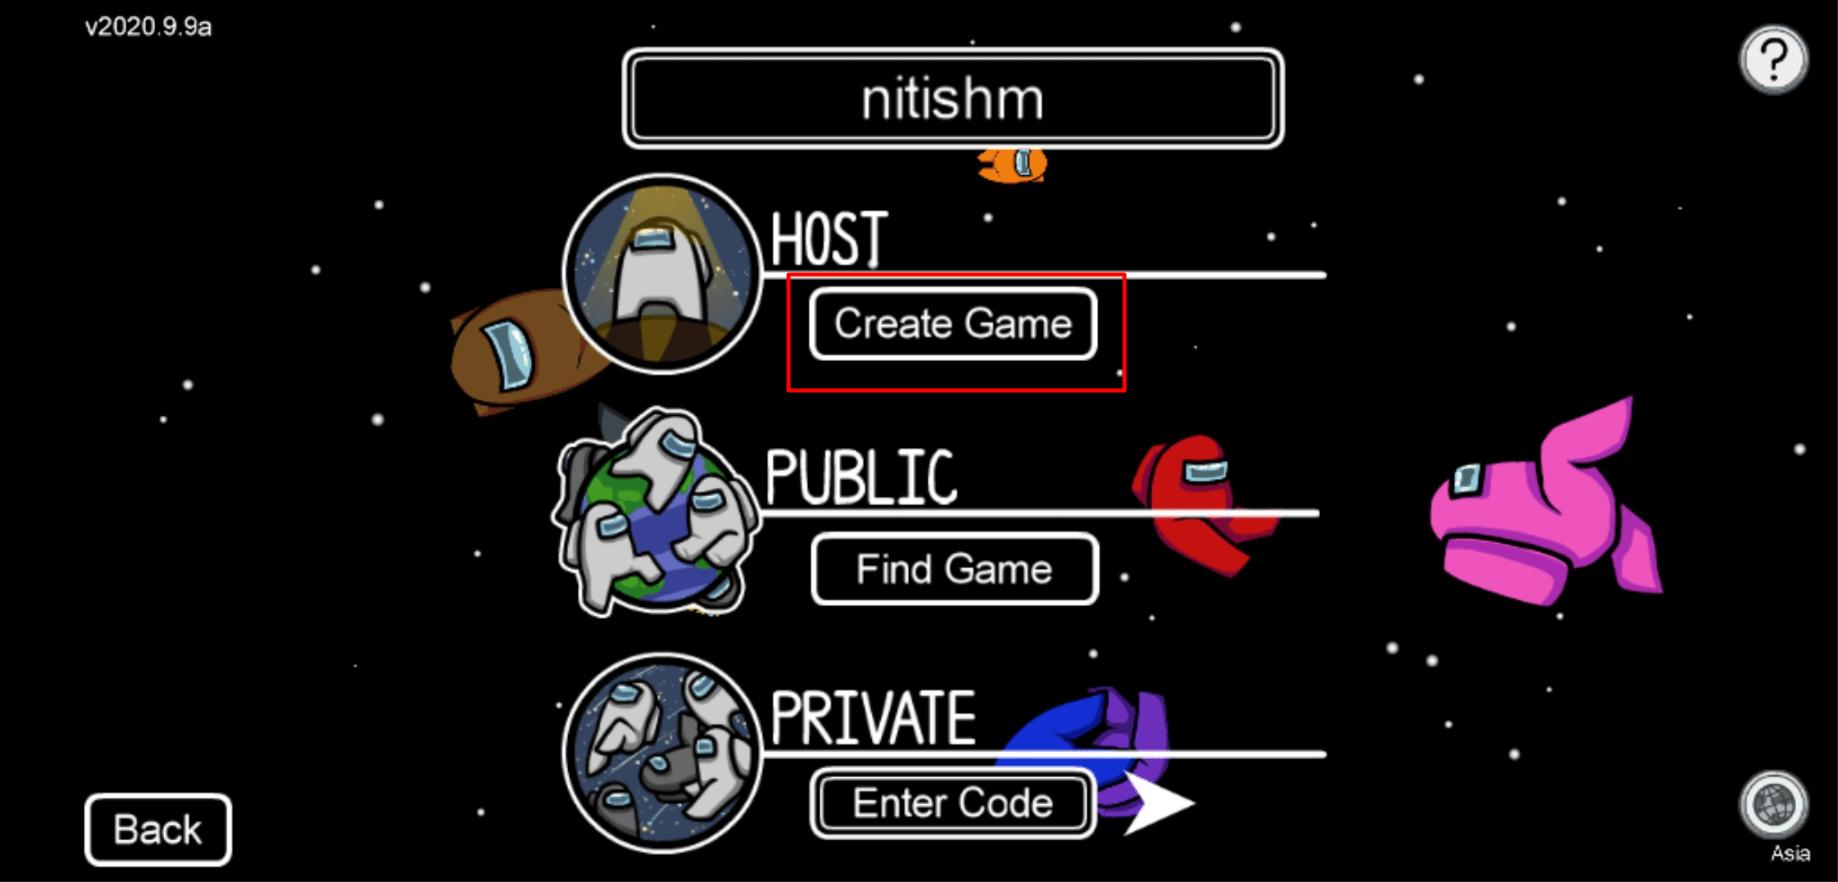 create game among us mrnoob